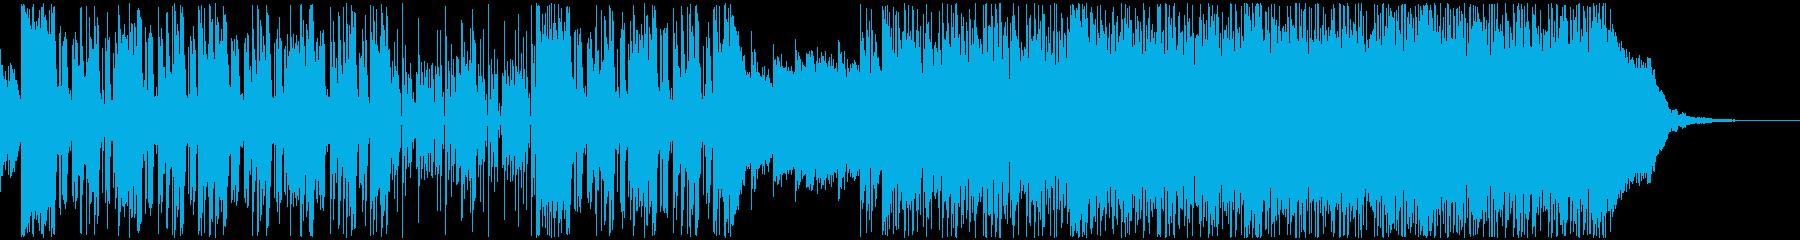 前向きに走り出す2部構成のエレクトロの再生済みの波形